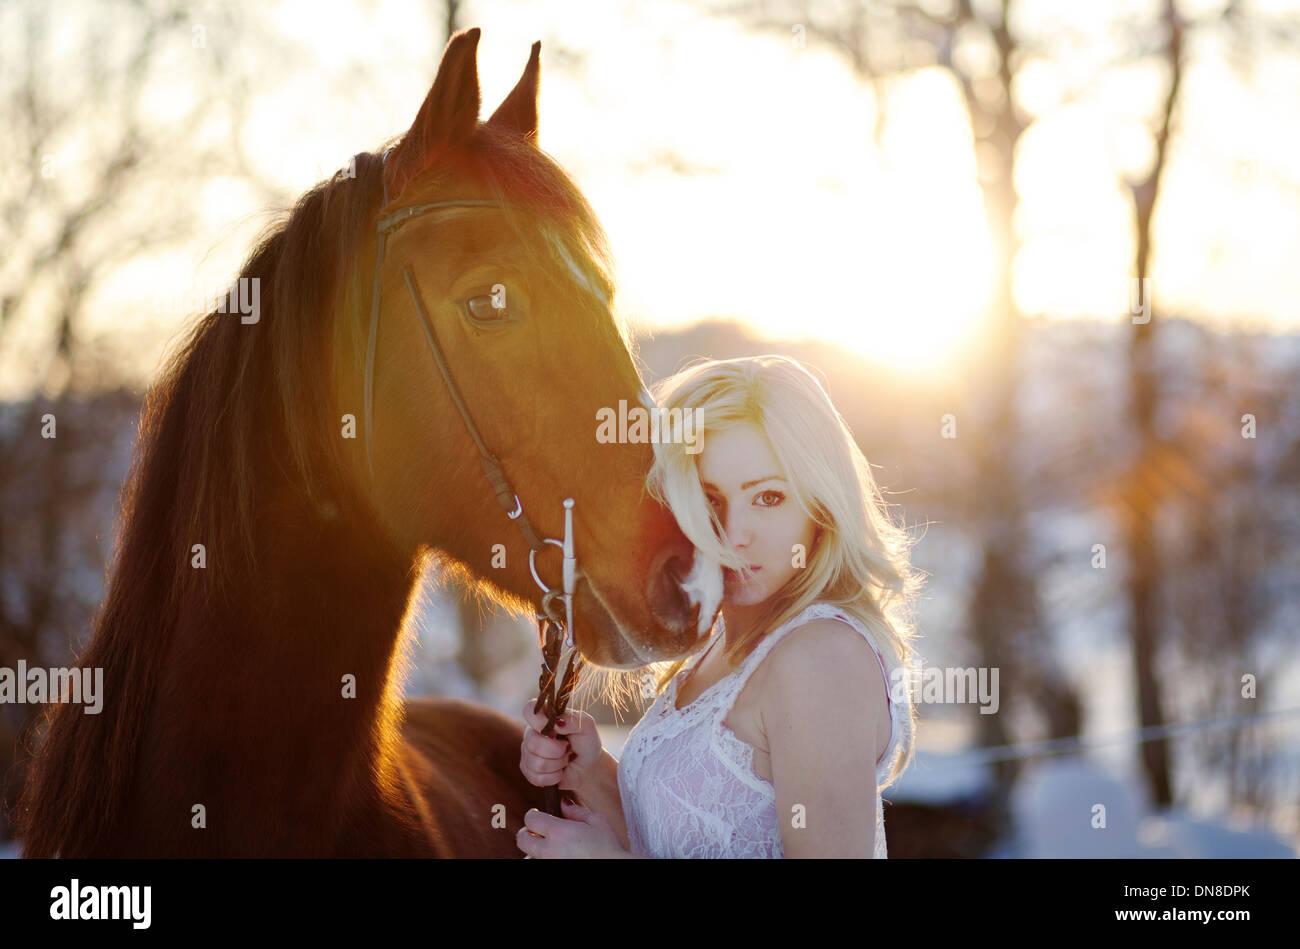 Junge Frau im weißen Kleid mit Pferd im winter Stockbild